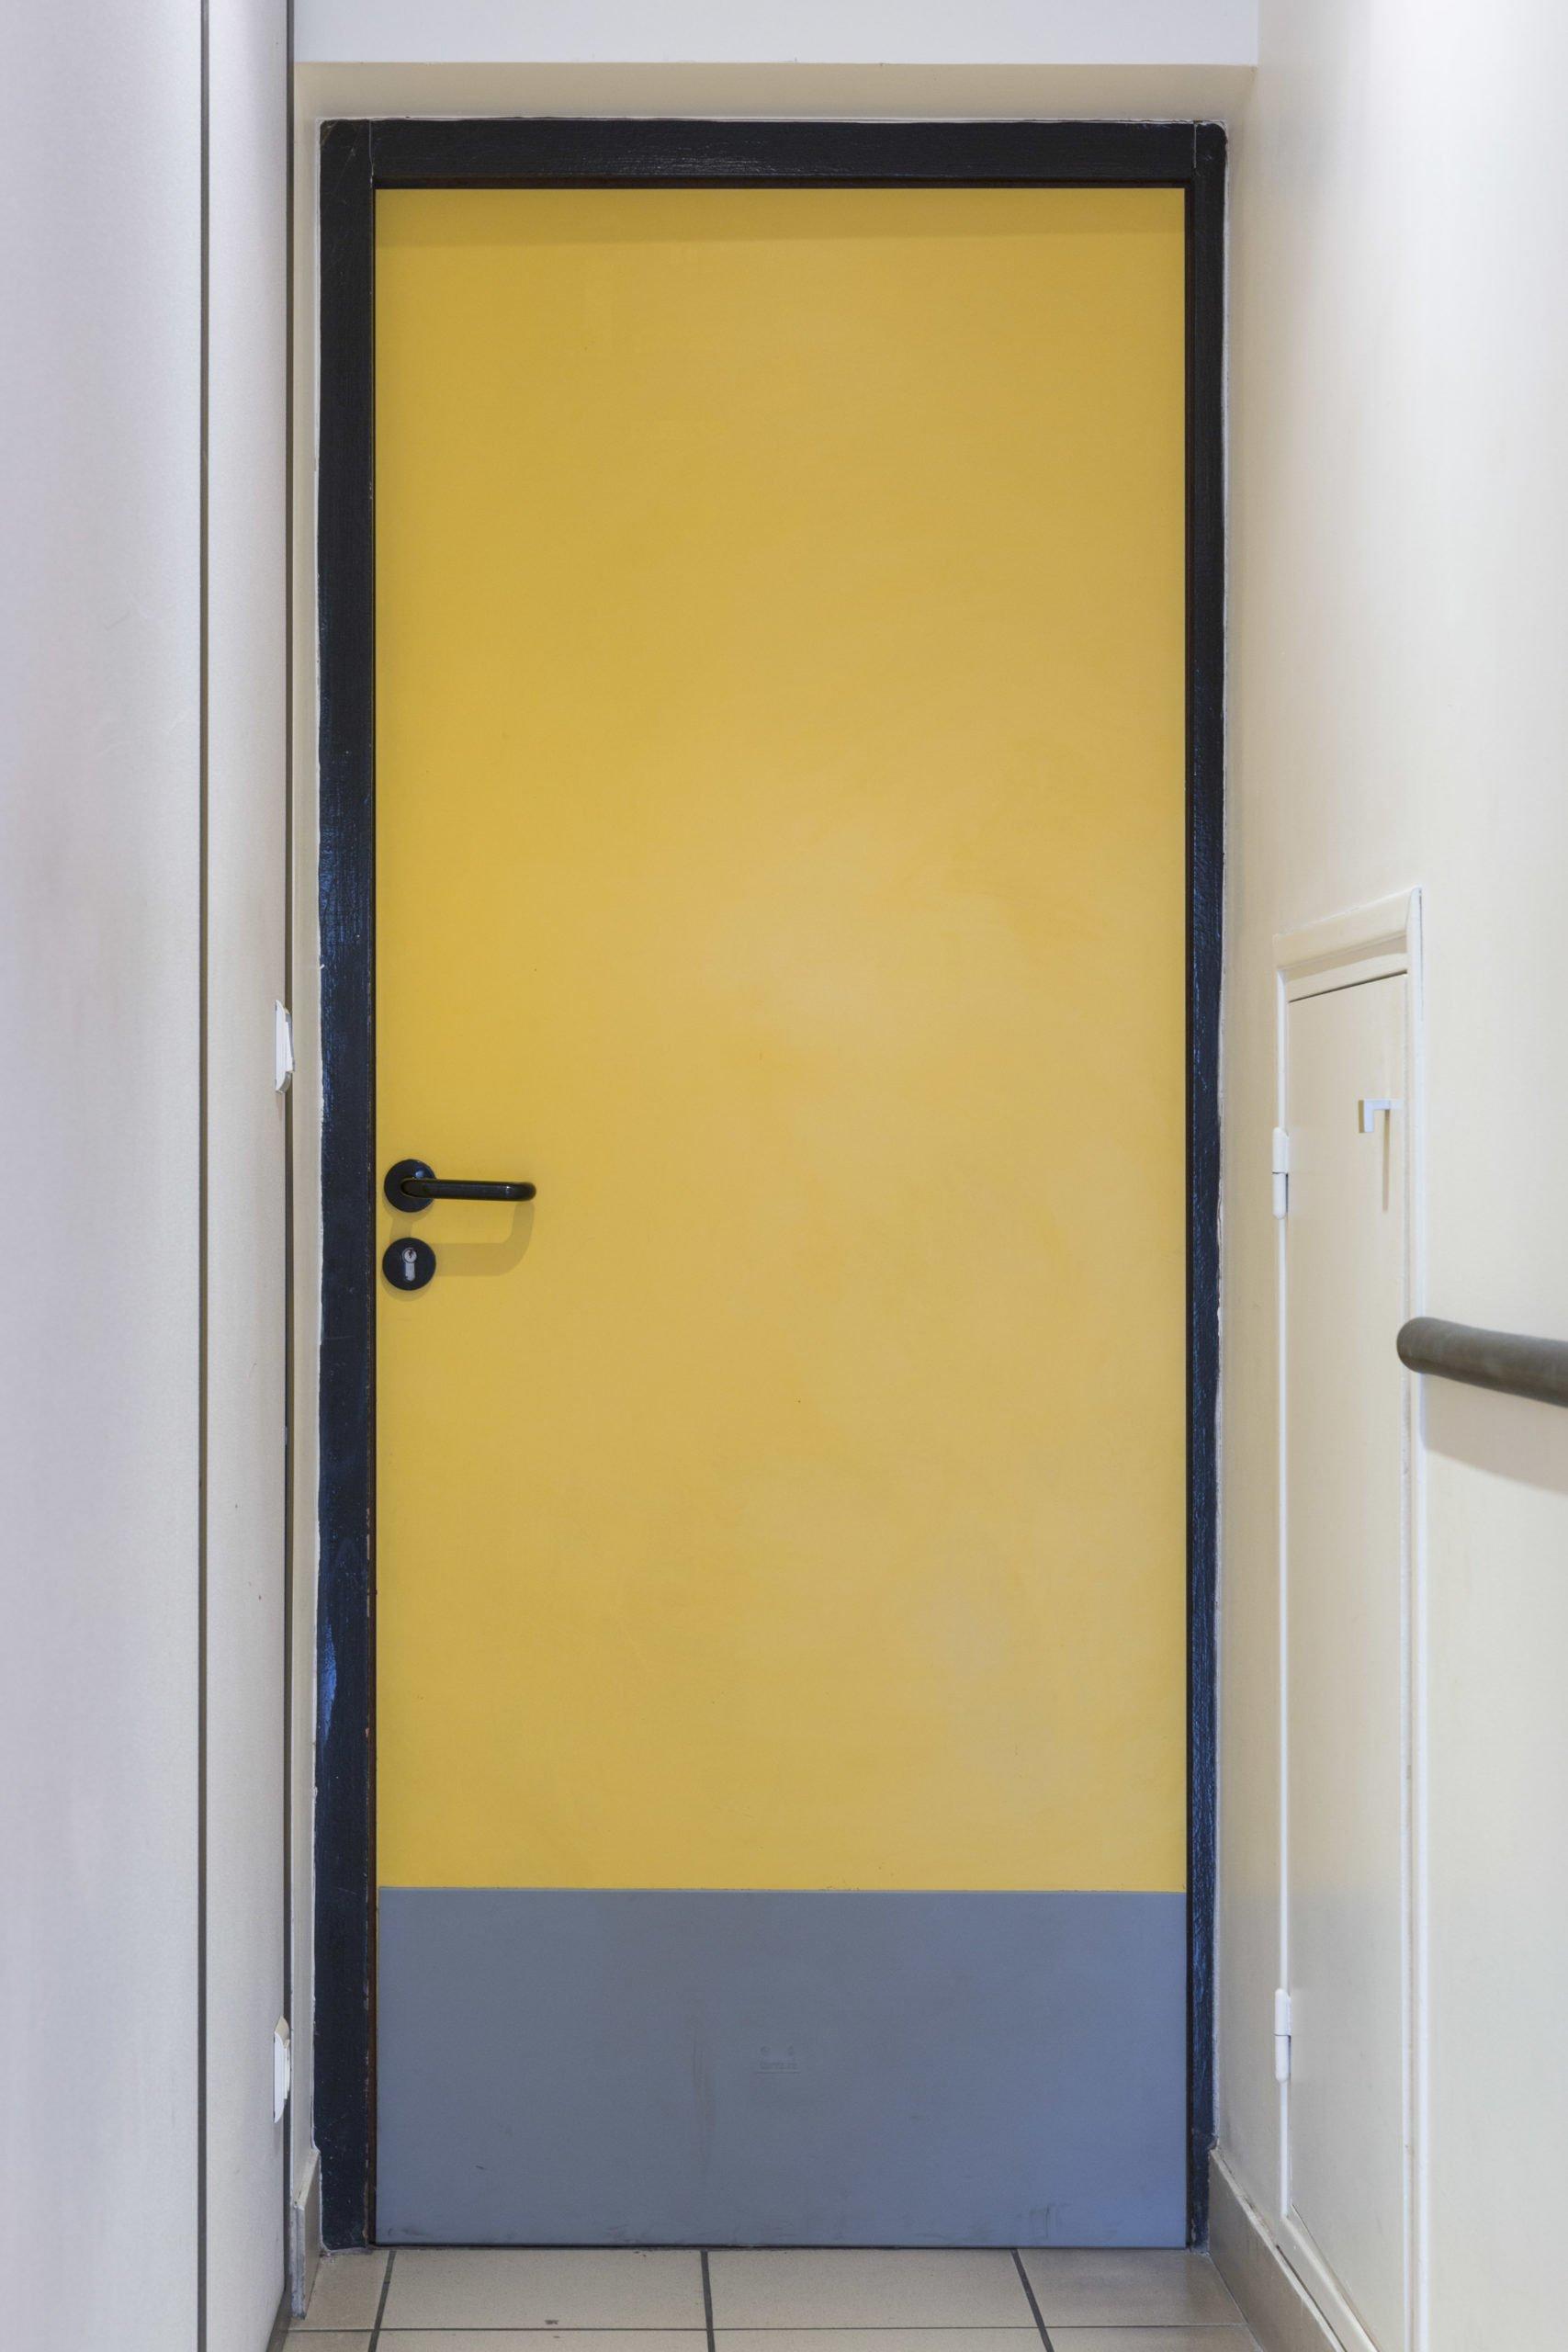 Bottom door guard